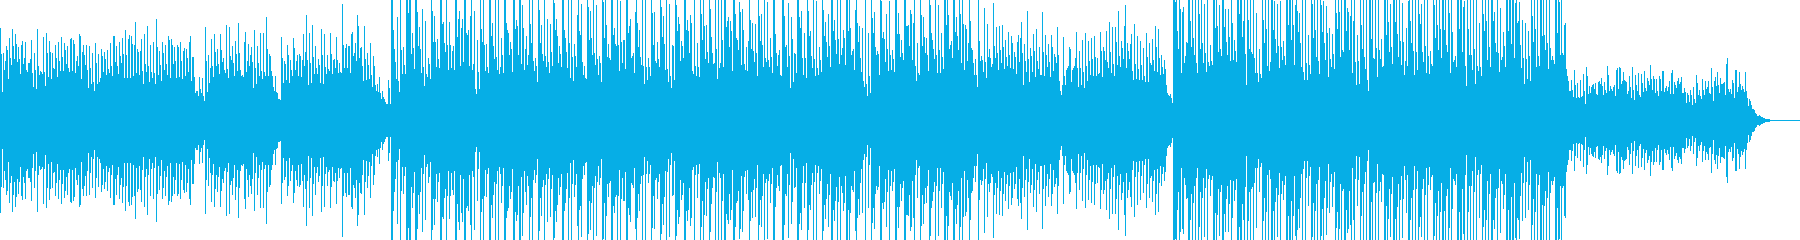 感動的な旋律とメロディのアンビエントの再生済みの波形